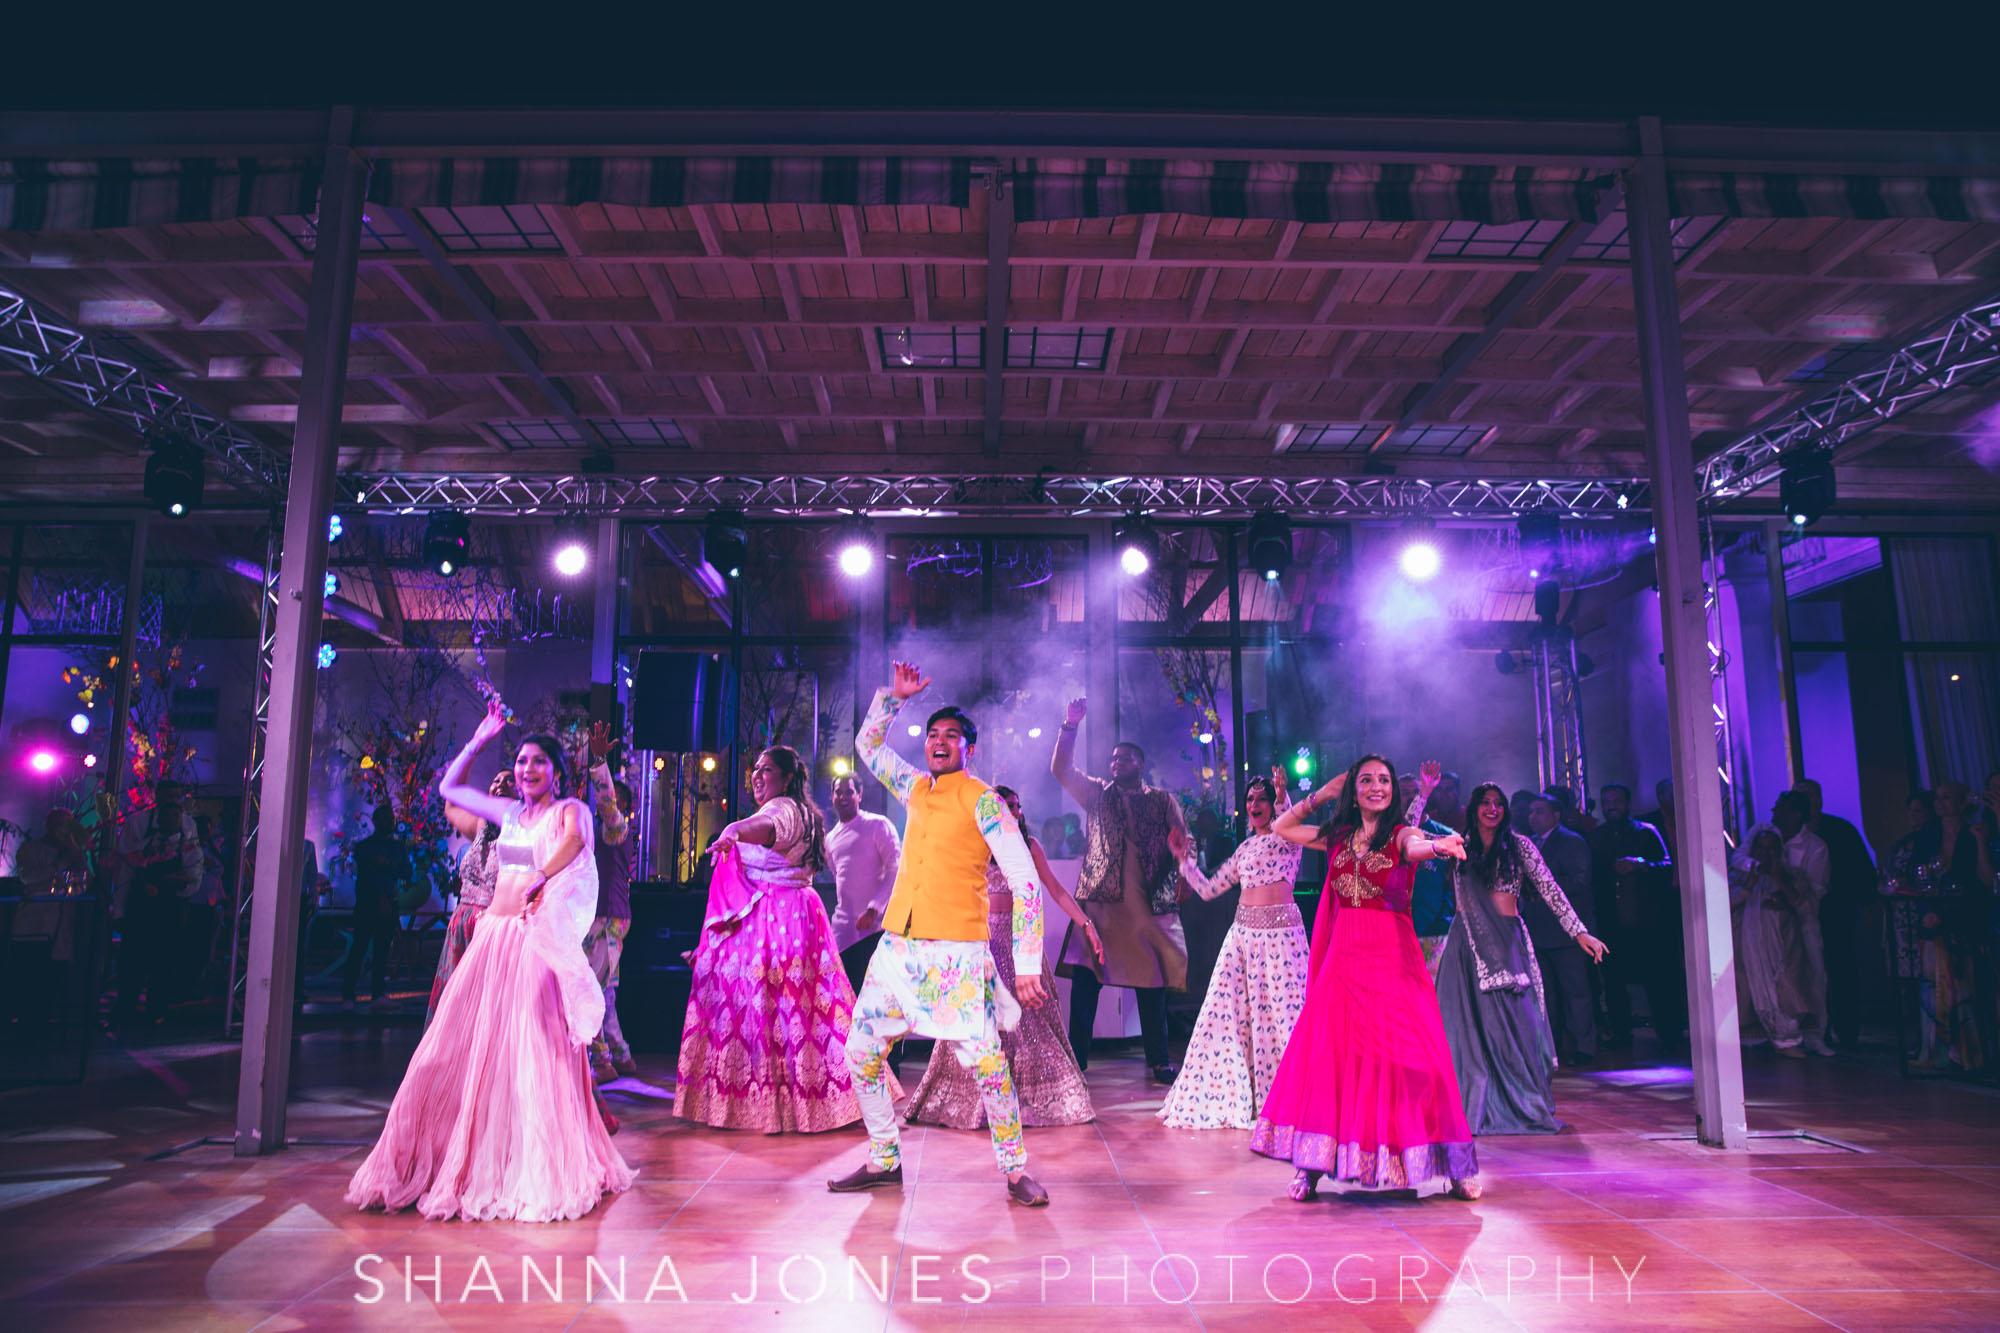 molenvliet-stellenbosch-cape-town-hindu-wedding-shanna-jones-photography-charlotte-kush-71.jpg